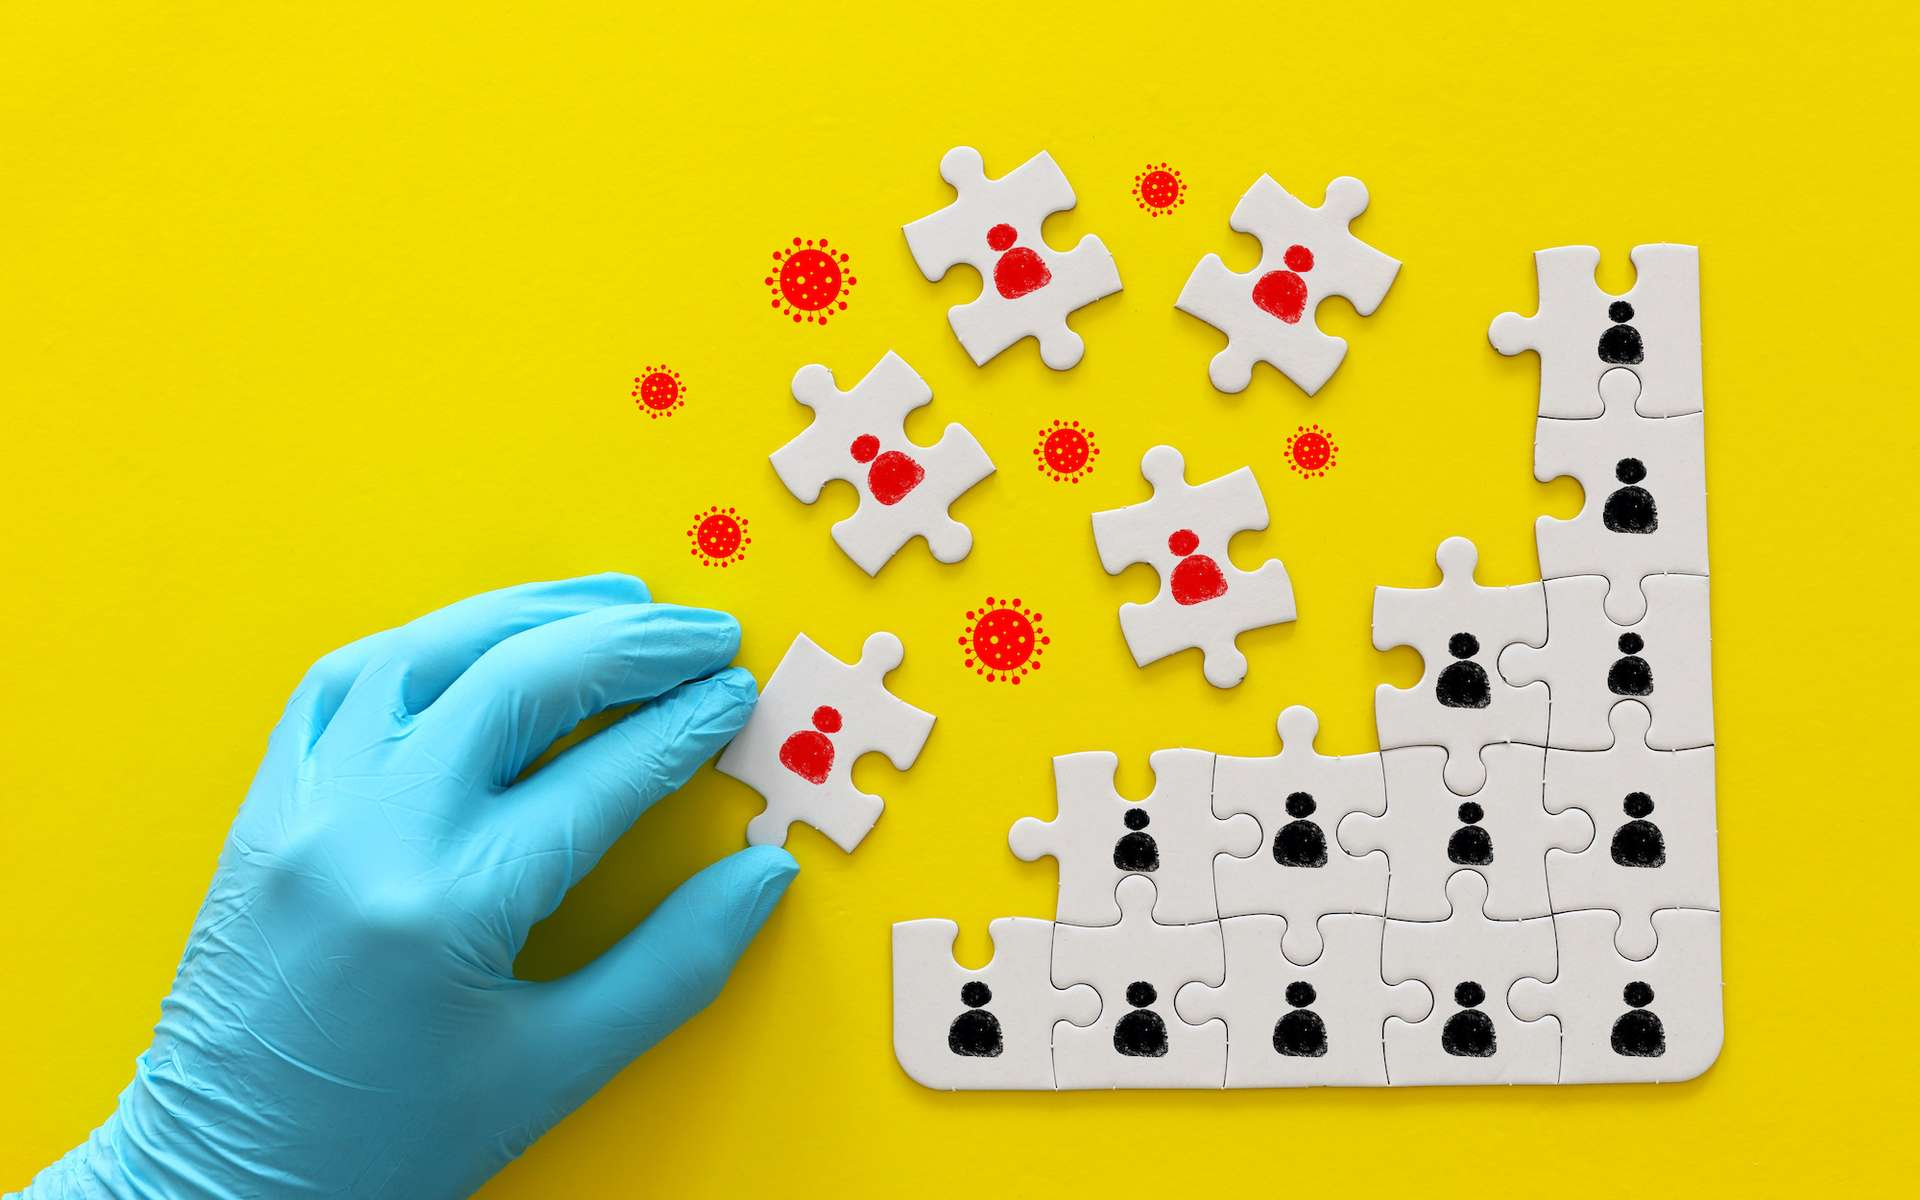 Le virus se propage incognito par l'intermédiaire de personnes asymtomatiques. © tomertu, Adobe Stock